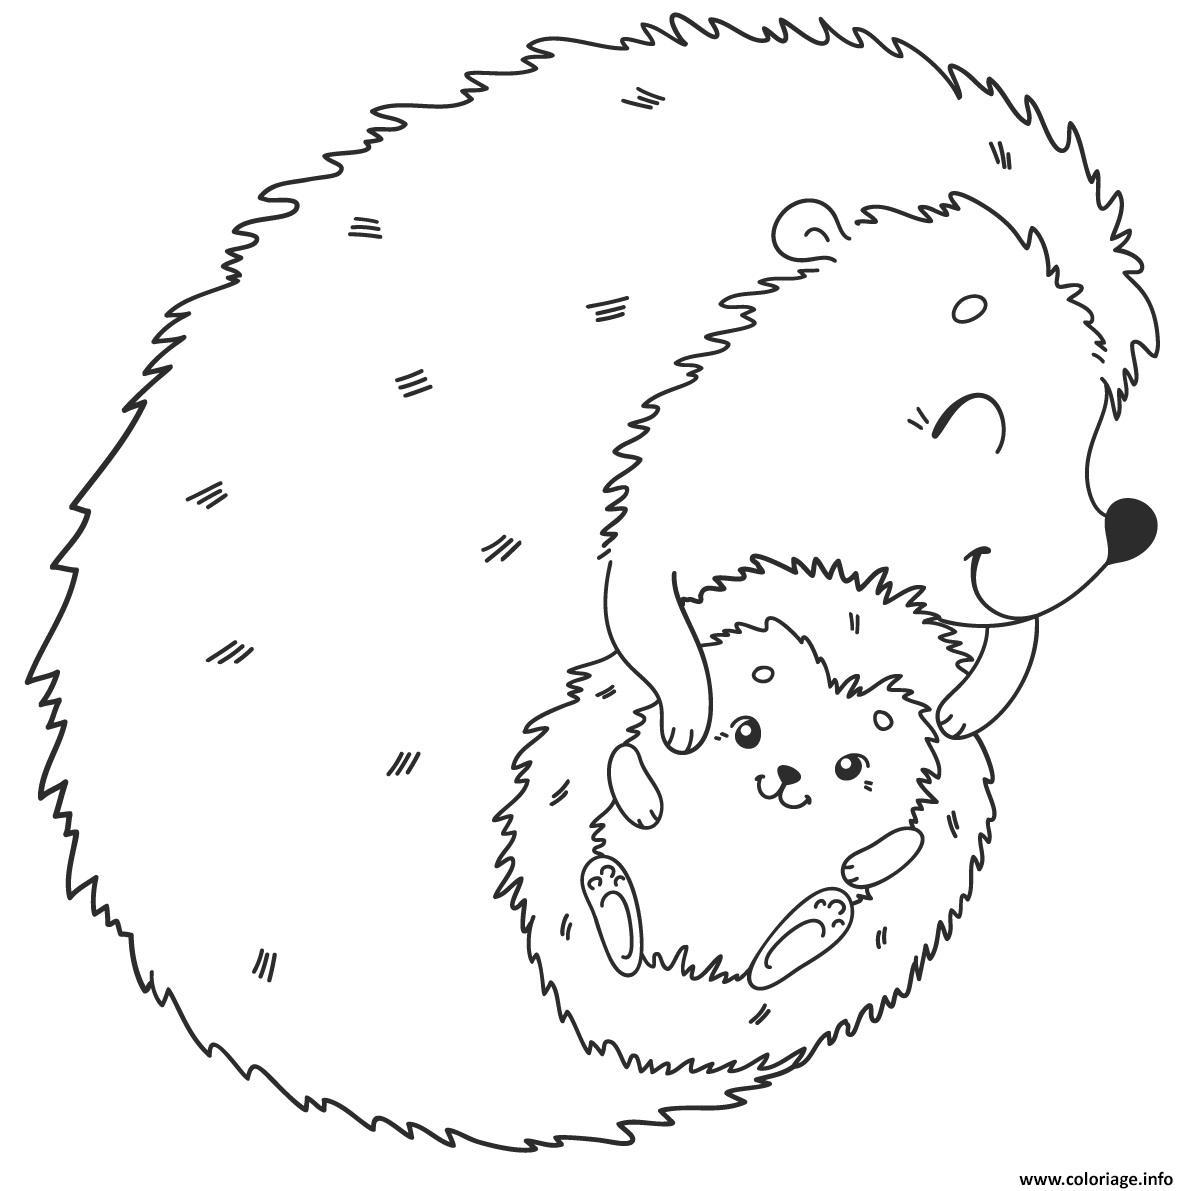 Coloriage Herisson Et Son Bebe Dessin Herisson à imprimer